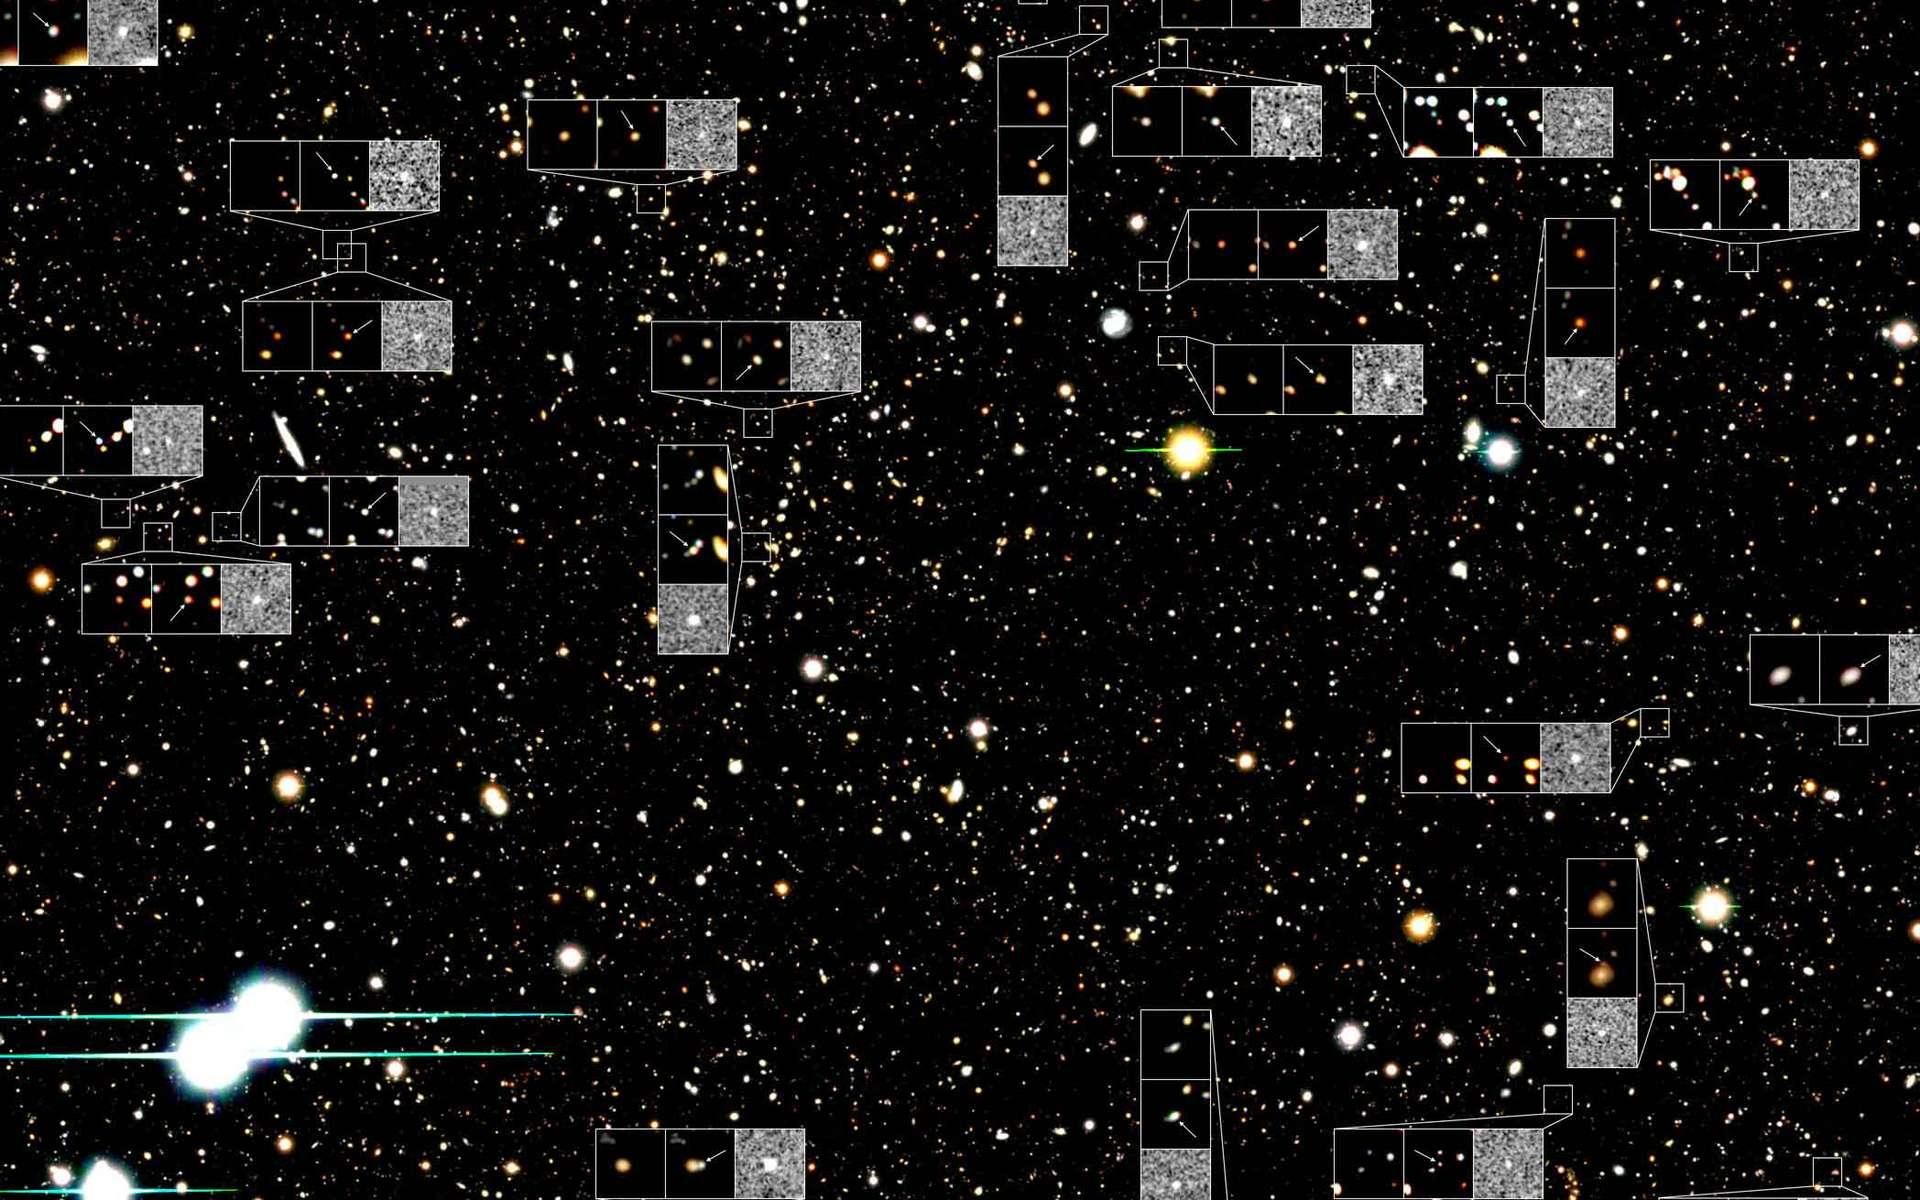 Le Subaru Deep Field est une portion de la voûte céleste de la taille de la Lune dans laquelle les chercheurs ont fait leurs observations. On en voit ici une petite partie avec les SN Ia observées dans leurs galaxies. © NAOJ